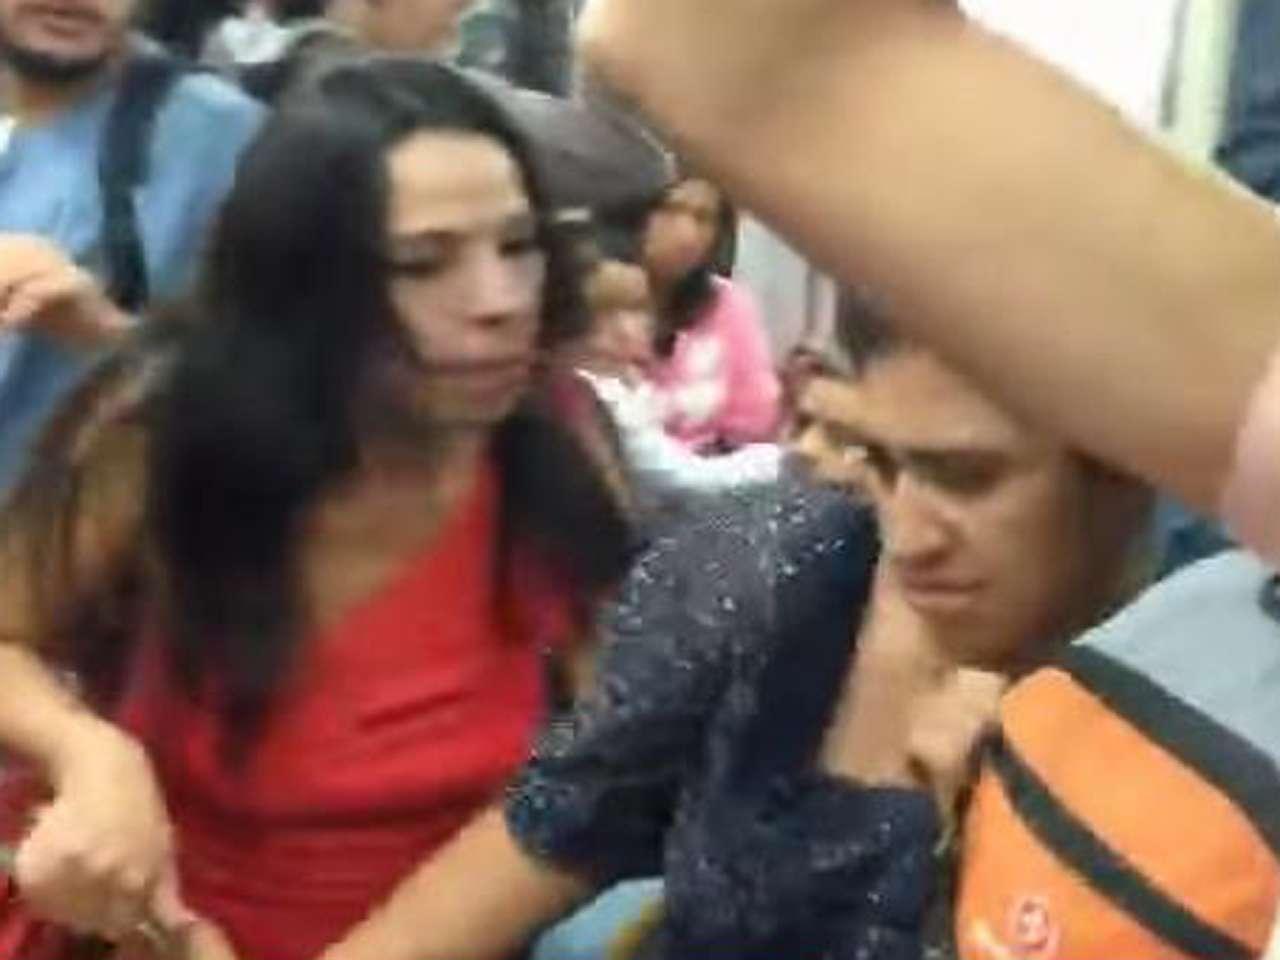 A pesar de los insultos realizados por #LadyBoobs, la pasajera de junto no respondio de forma violenta Foto: Imagen tomada de YouTube